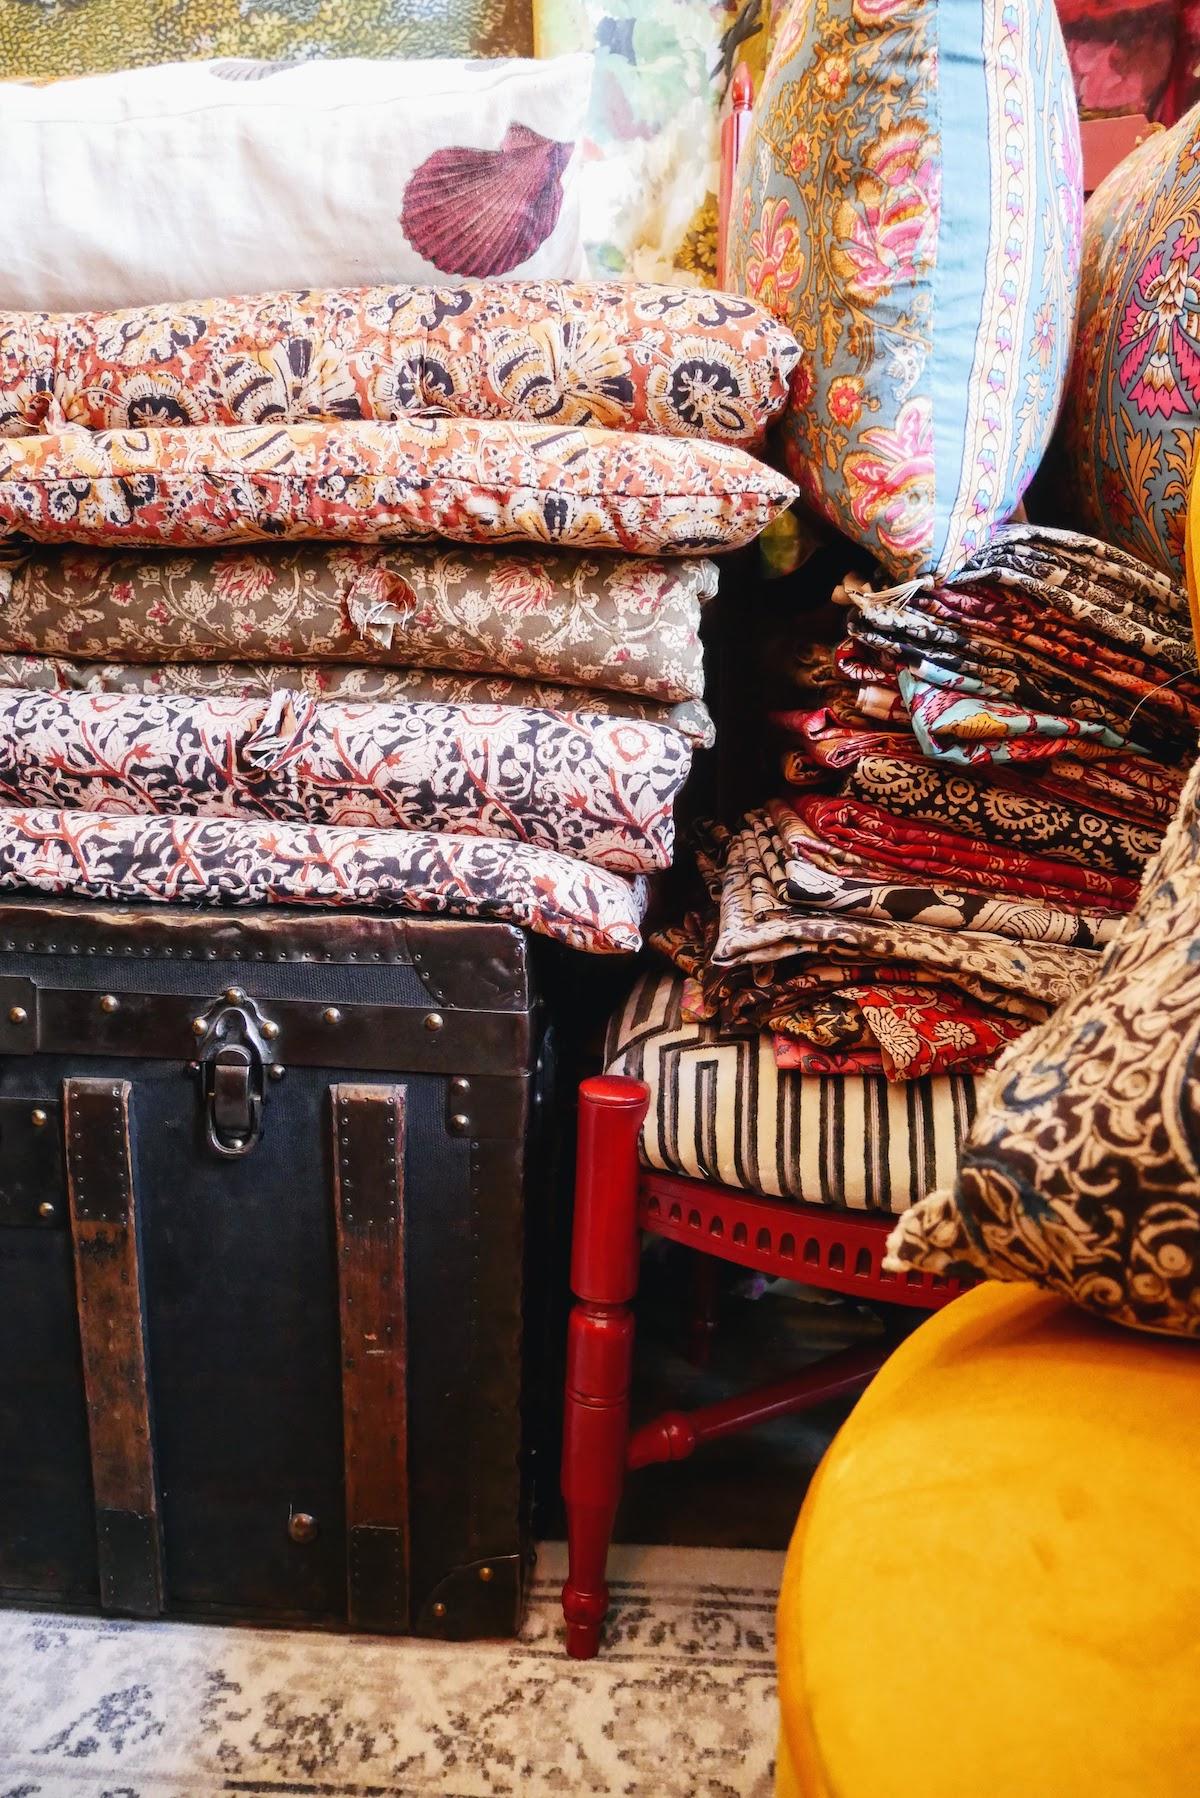 tissus dans un atelier tapissier